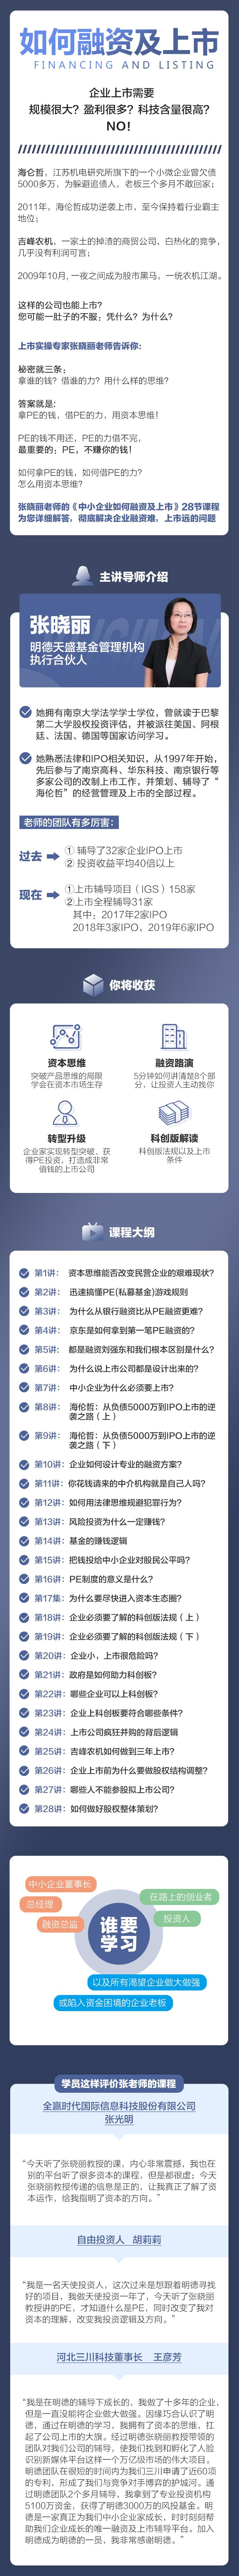 张晓丽课程图片.jpg